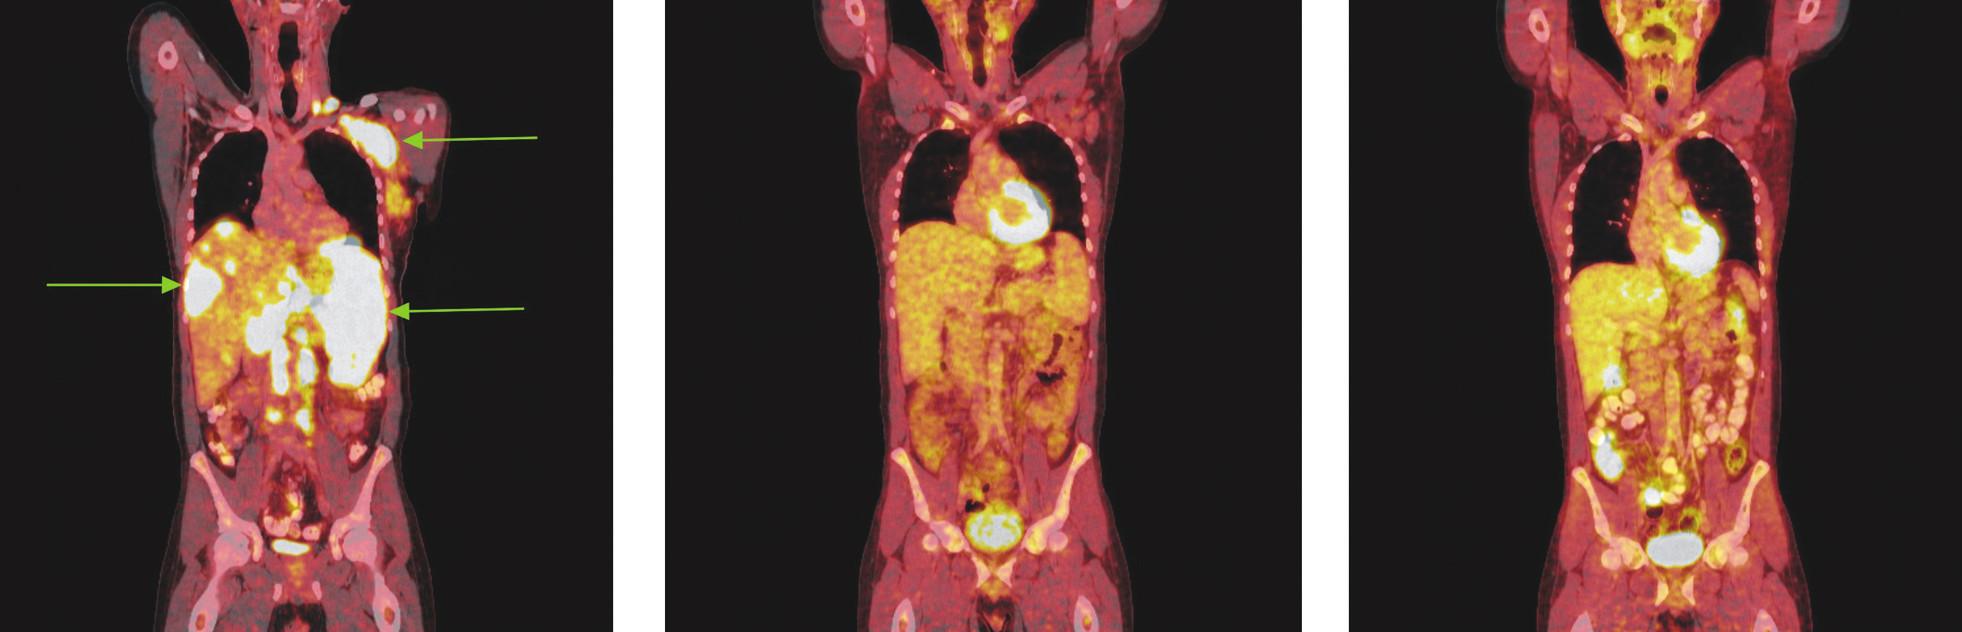 Série PET/CT snímků u nemocného s difuzním B-velkobuněčným lymfomem před léčbou, po 2 cyklech léčby a po ukončení léčby. Na prvním snímku nalezeny pakety lymfatických uzlin v levém nadklíčku a v levé axile vykazující výrazný hypermetabolismus glukózy. Další mnohočetná ložiska hypermetabolismu glukózy byla lokalizována ve skeletu páteře, žeber, ve zvětšené slezině a v játrech. Na druhém snímku po 2 cyklech léčby přetrvávají zvětšené lymfatické uzliny v nadklíčku v axile vlevo, ve srovnání s předchozím vyšetřením však na PET snímcích nevykazují hypermetabolismus glukózy a na CT je patrné, že došlo k jejich zmenšení. Na posledním snímku po dokončení léčby nalezeny pouze zvětšené lymfatické uzliny v levé axile, v ostatních lokalizacích bez patologicky změněných lymfatických uzlin. Hypermetabolismus glukózy svědčící pro viabilní nádorovou tkáň neprokázán.